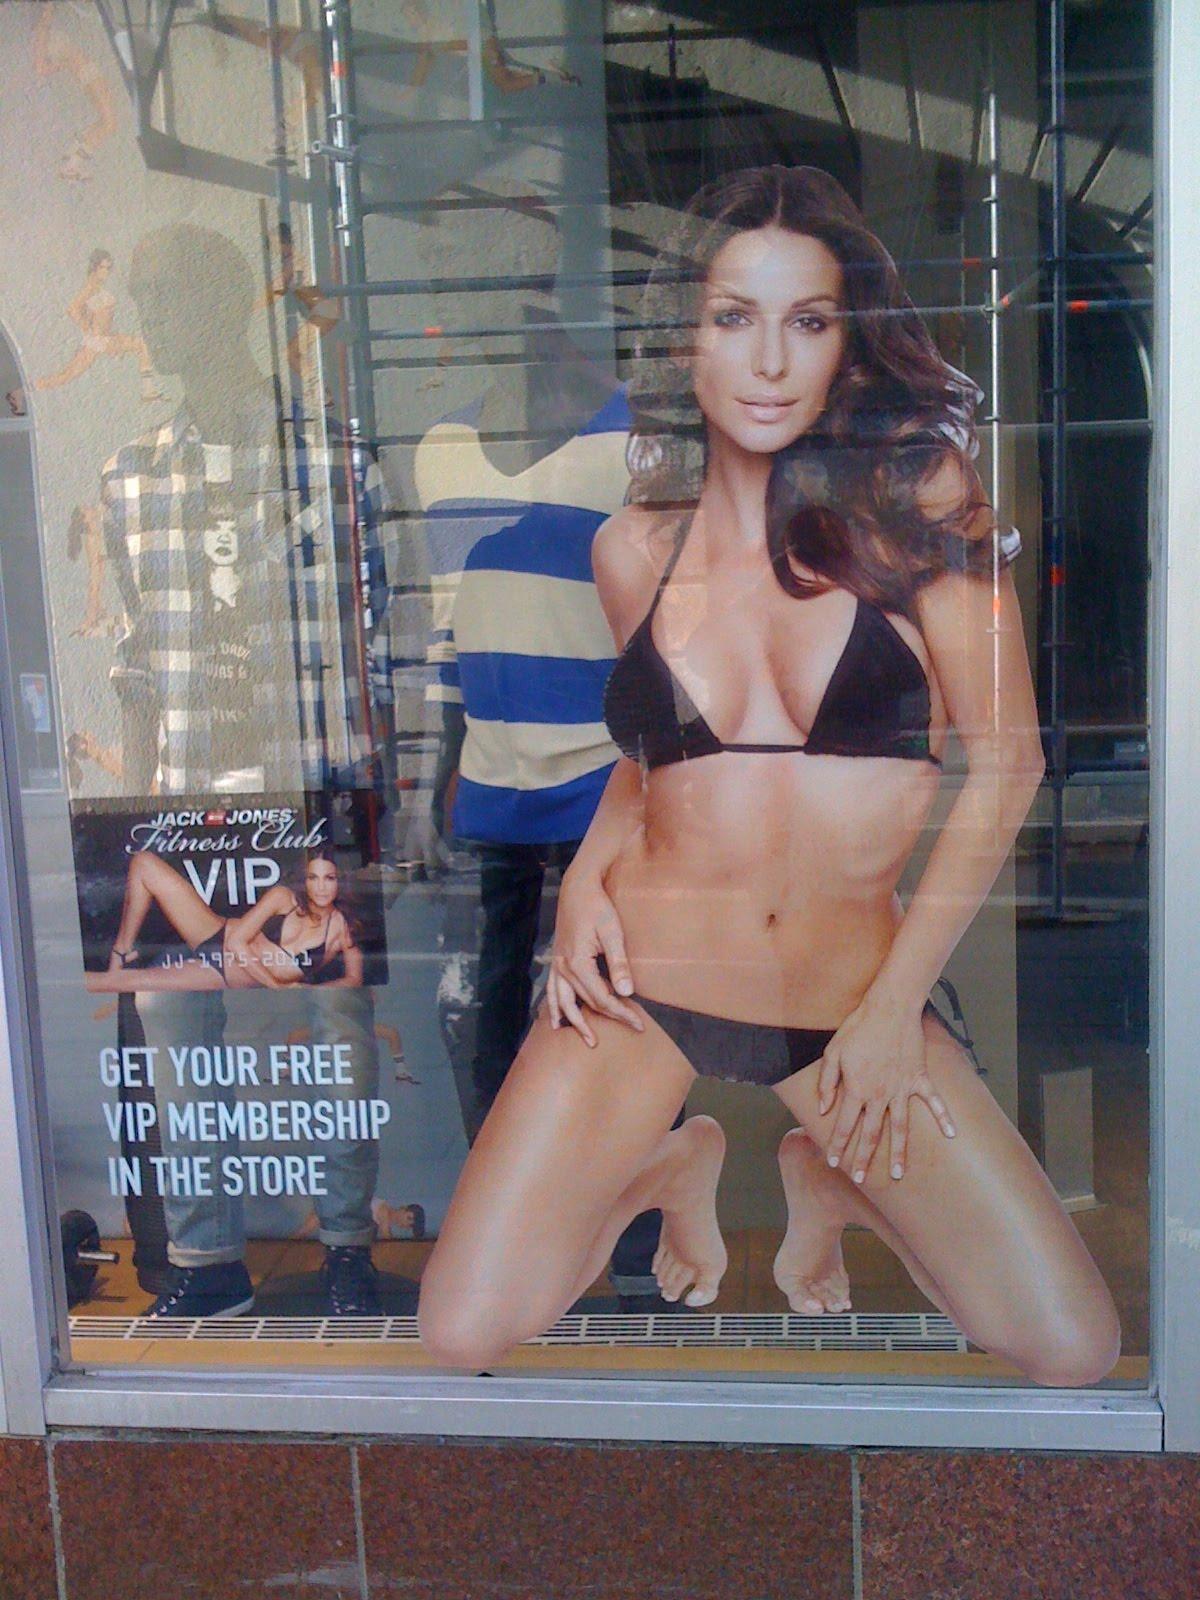 sexiga kläder för kvinnor att suga kuk